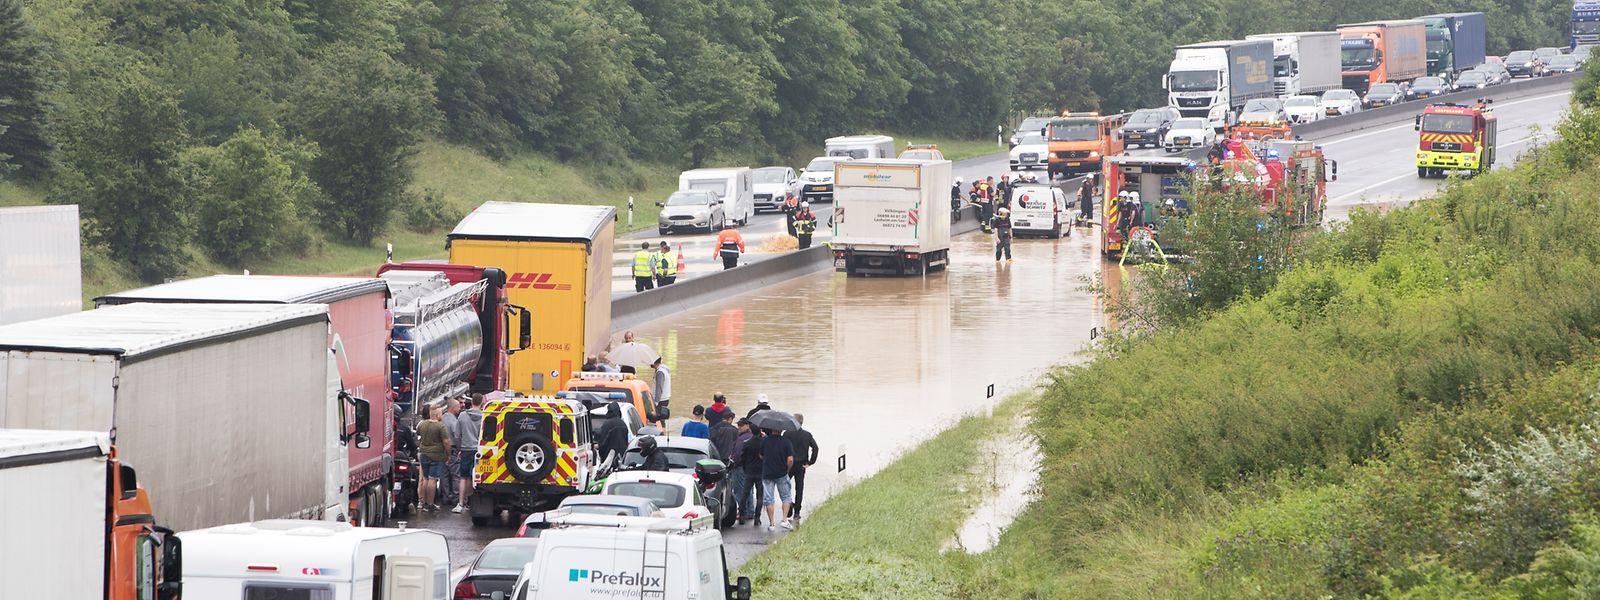 Die A3 wurde auf einer Länge von 200 Metern komplett überflutet.